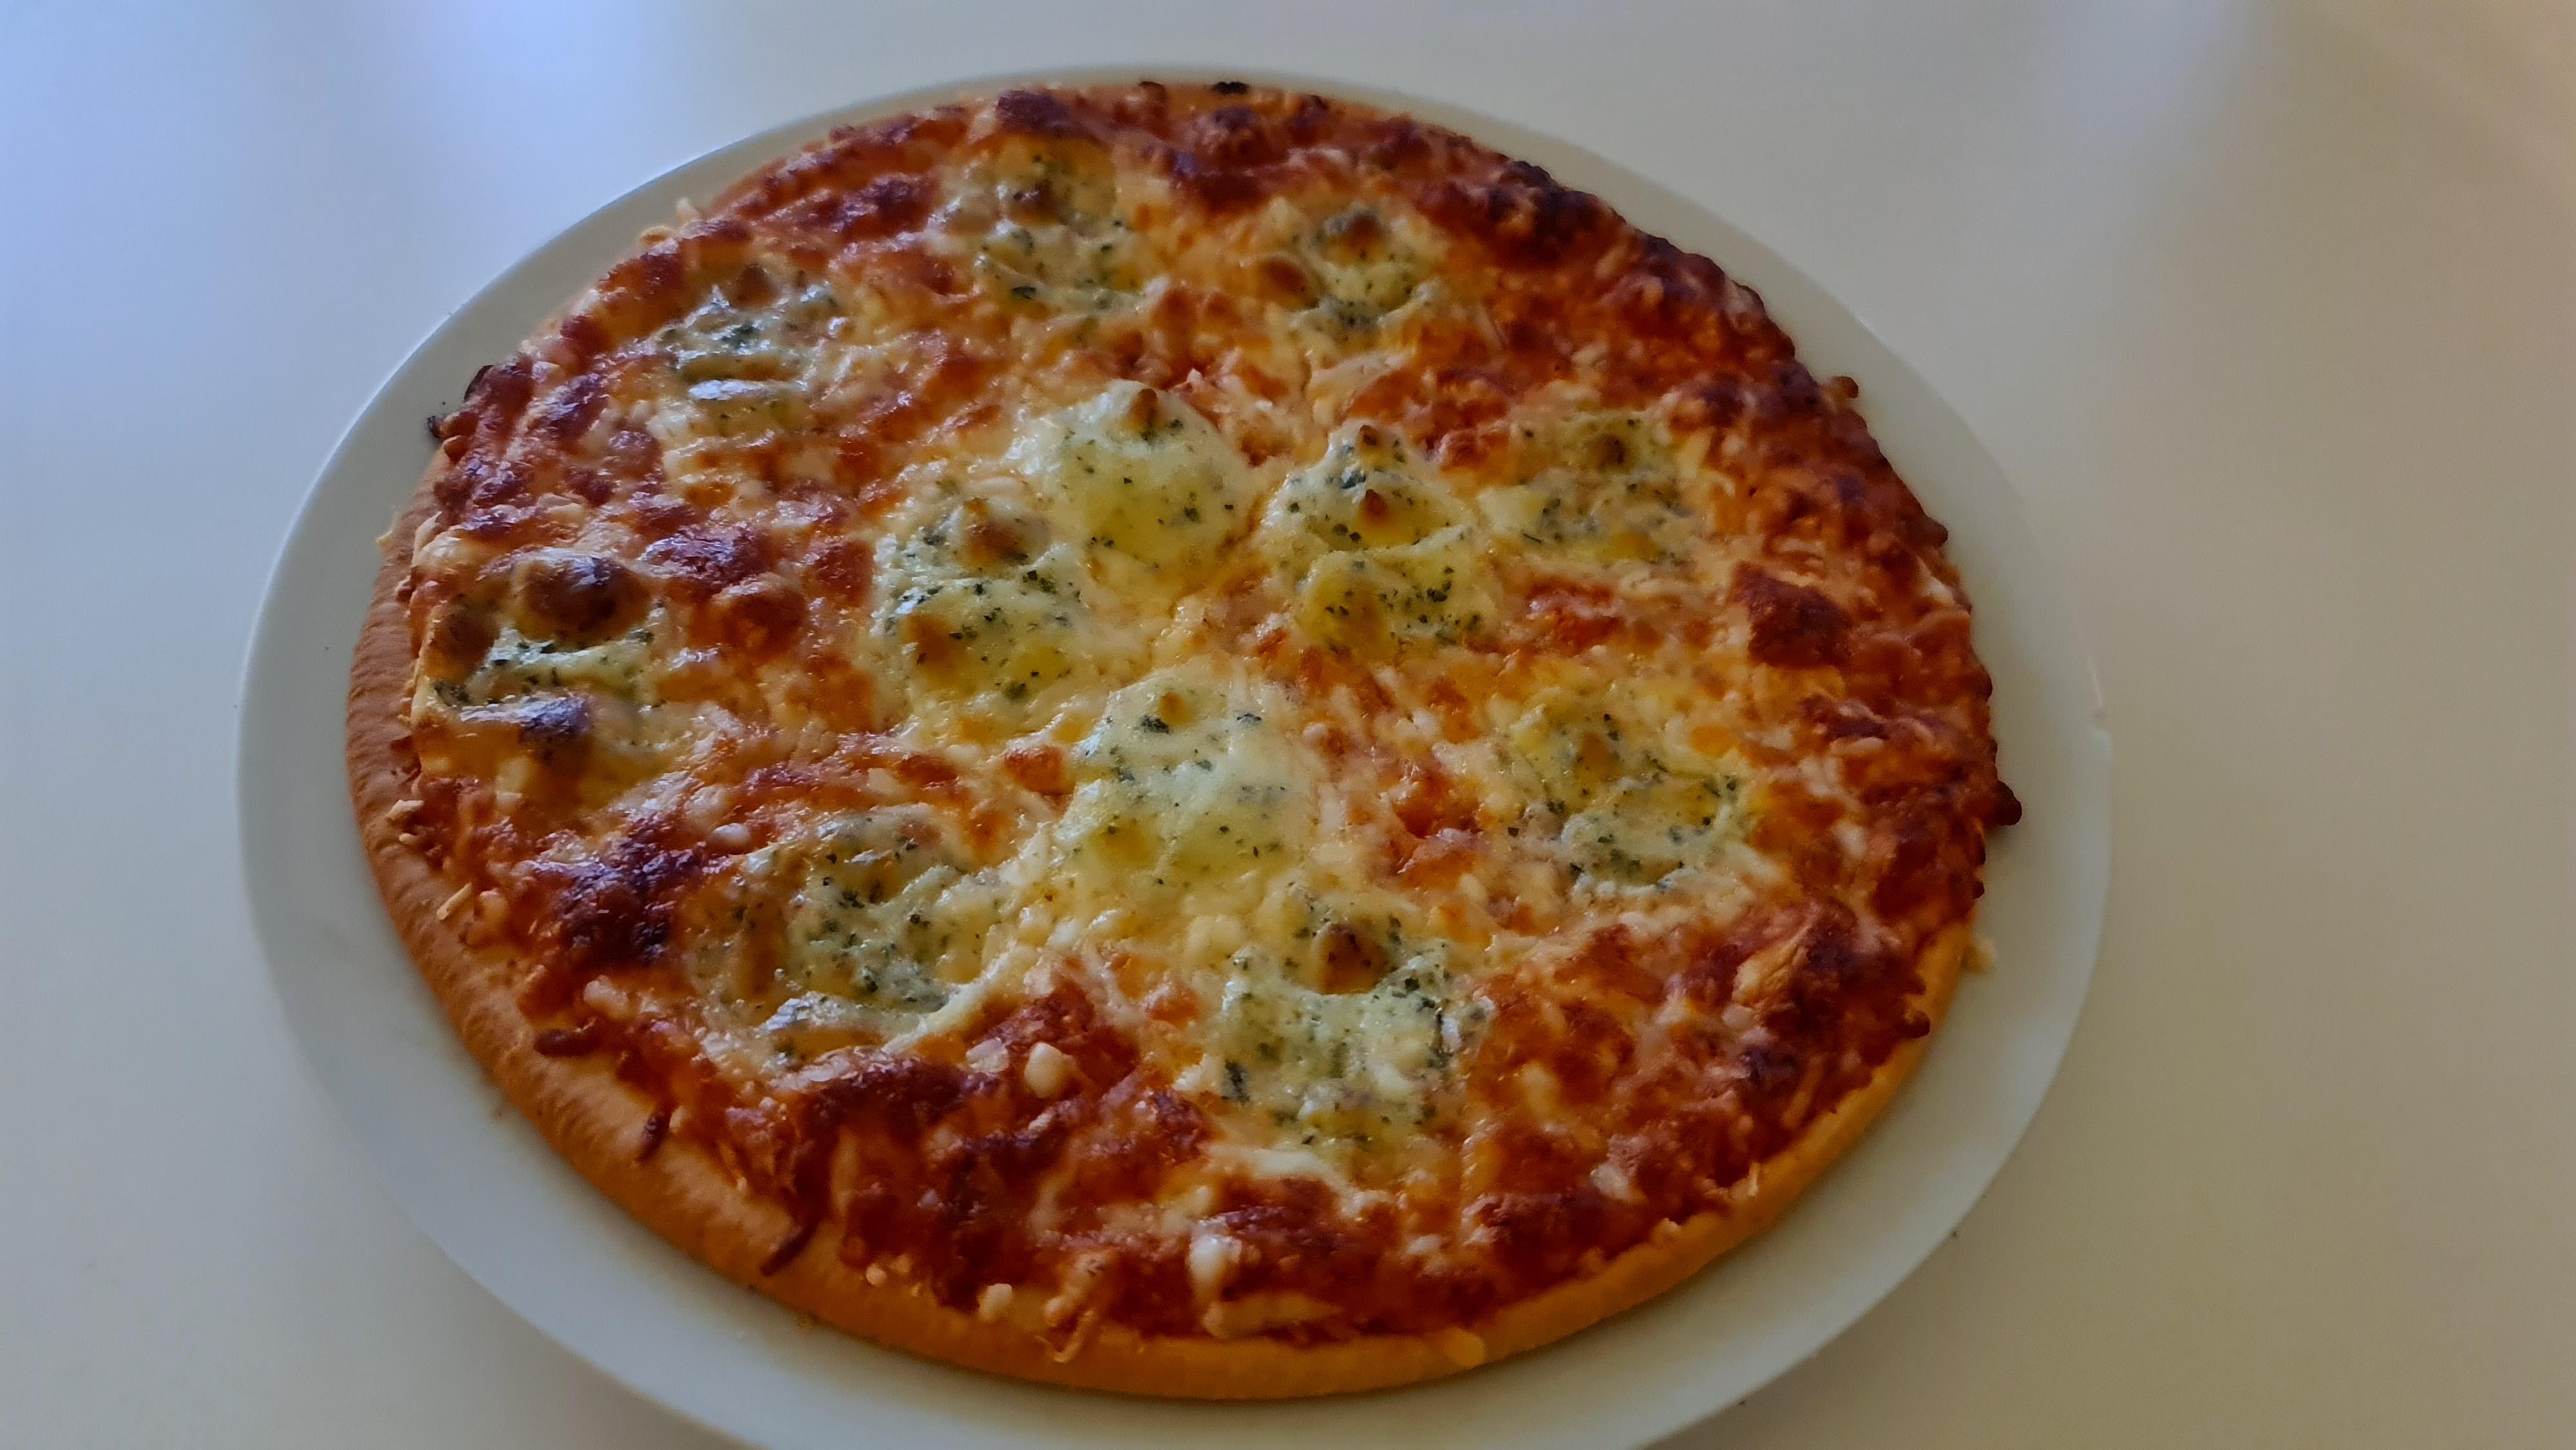 https://foodloader.net/Holz_2020-10-13_Pizza.jpg